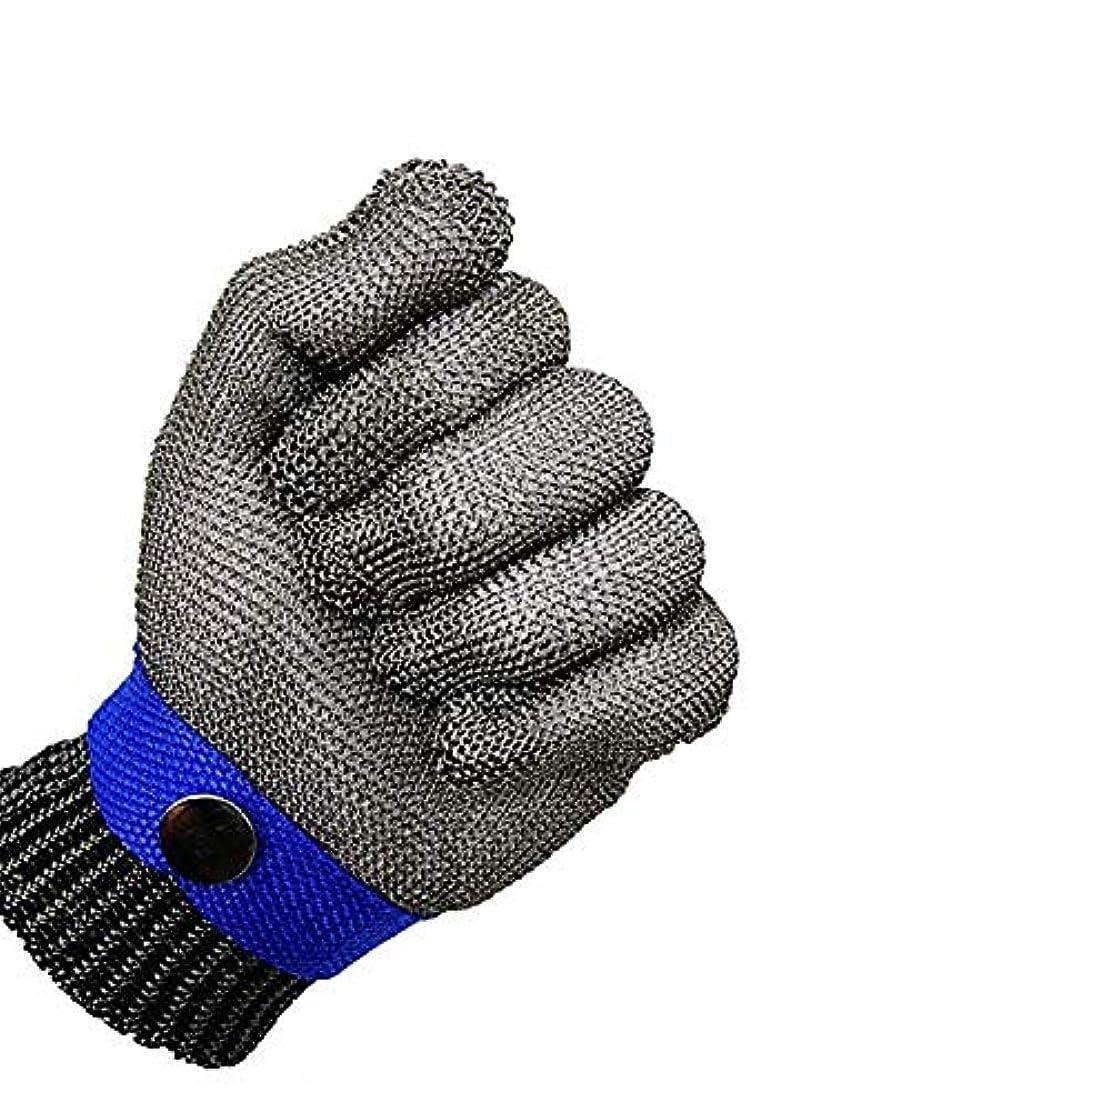 に対処する証人資格耐切断性手袋、ステンレススチールメッシュ金属ワイヤグローブ - 耐久性に優れた防錆信頼ブッチャーグローブ最新の素材,S